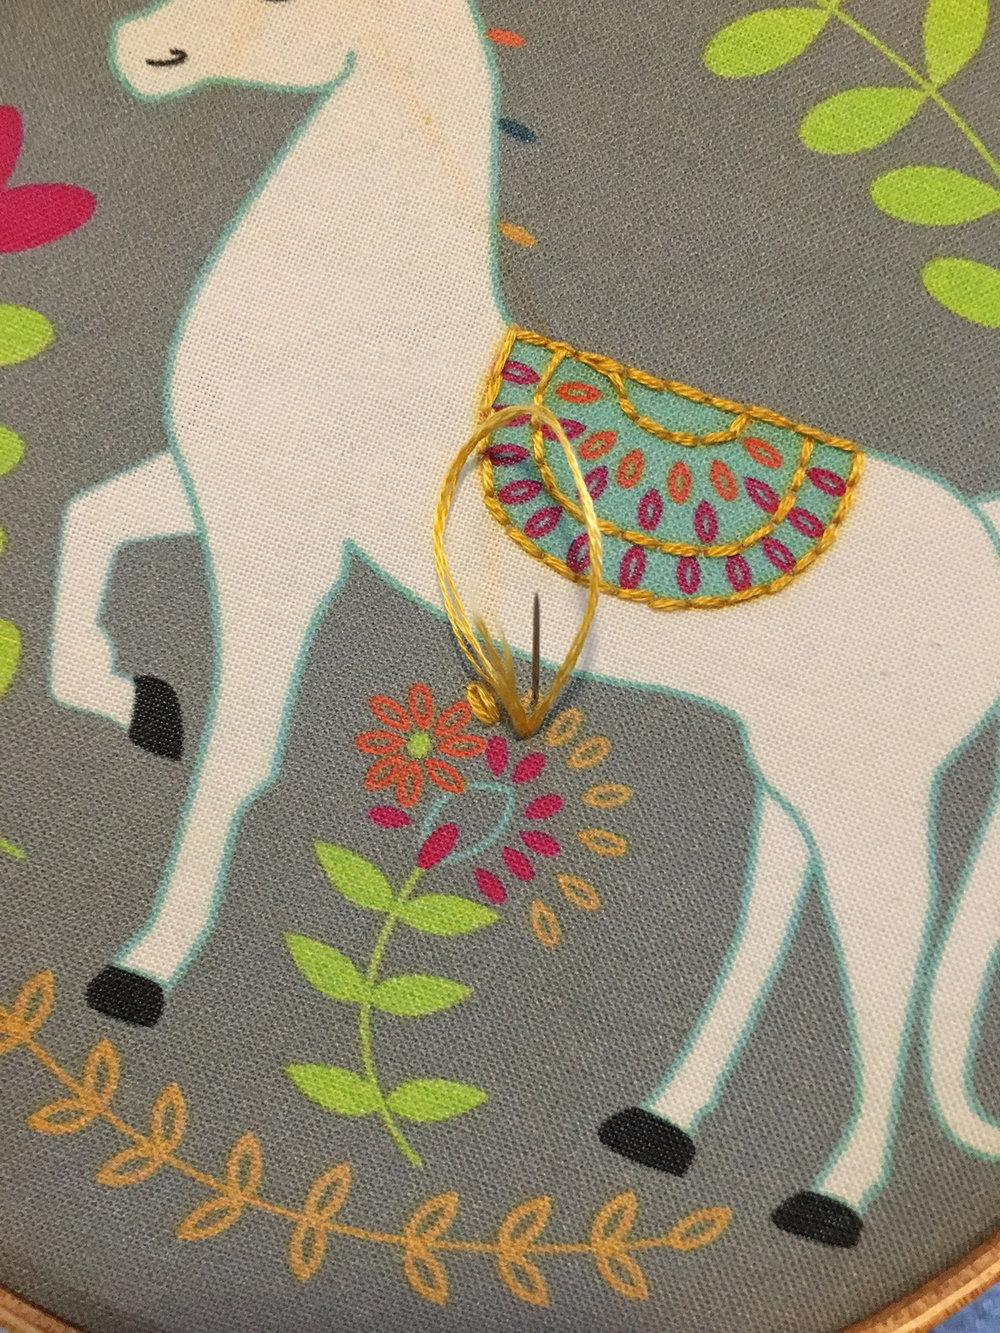 unicorn info 4.jpg